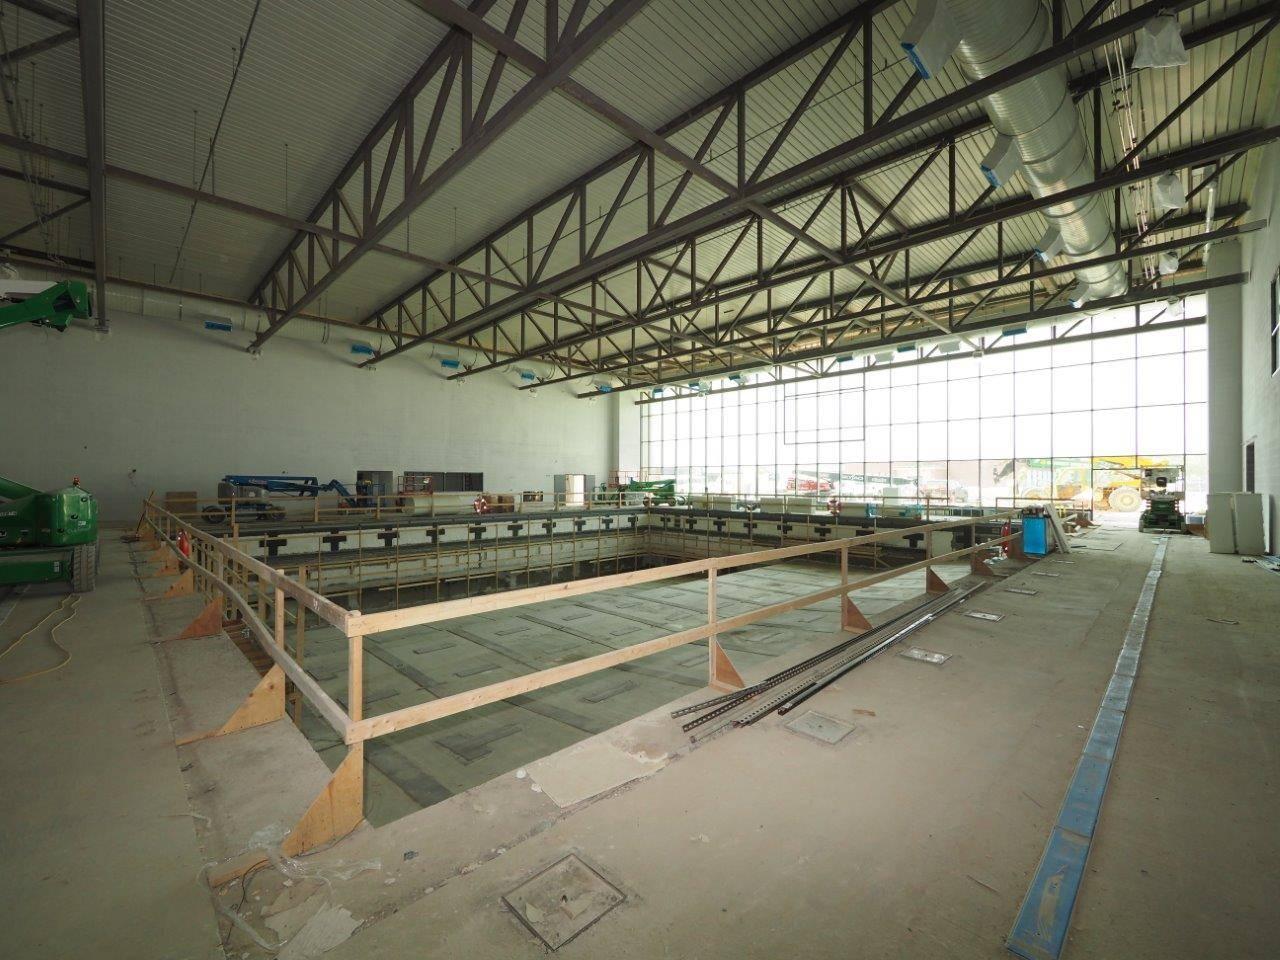 Inside the natatorium